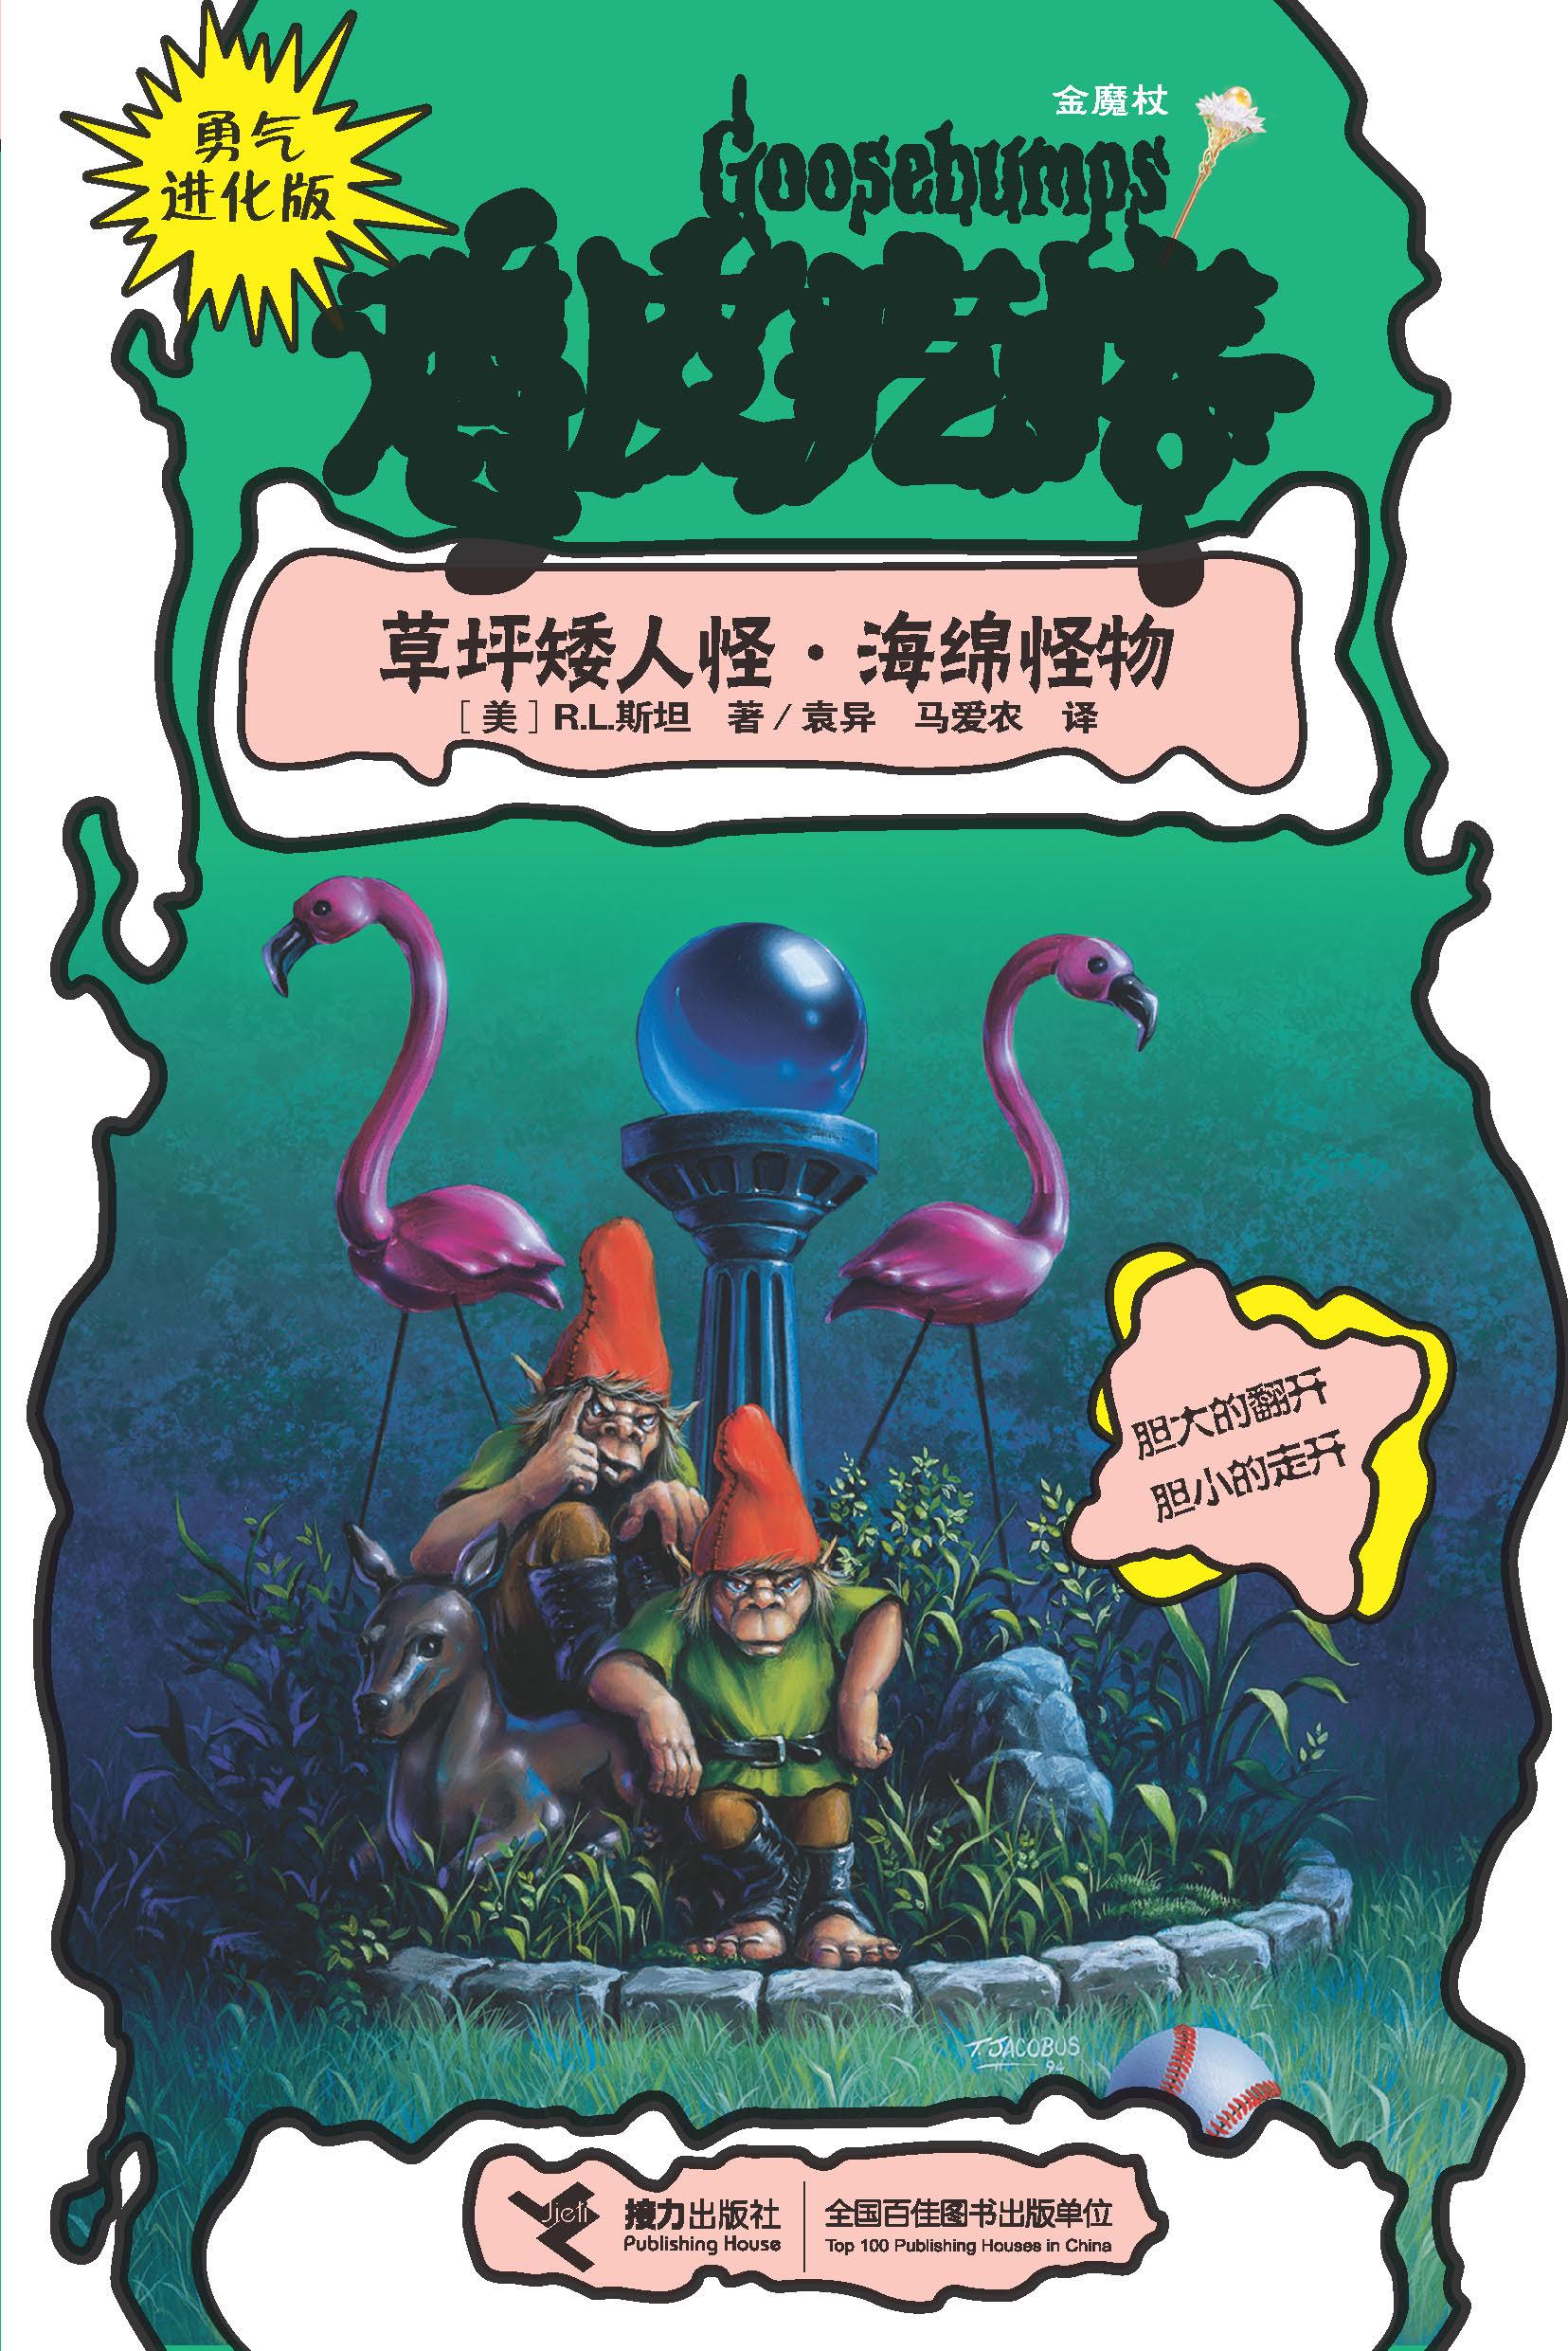 草坪矮人怪·海绵怪物